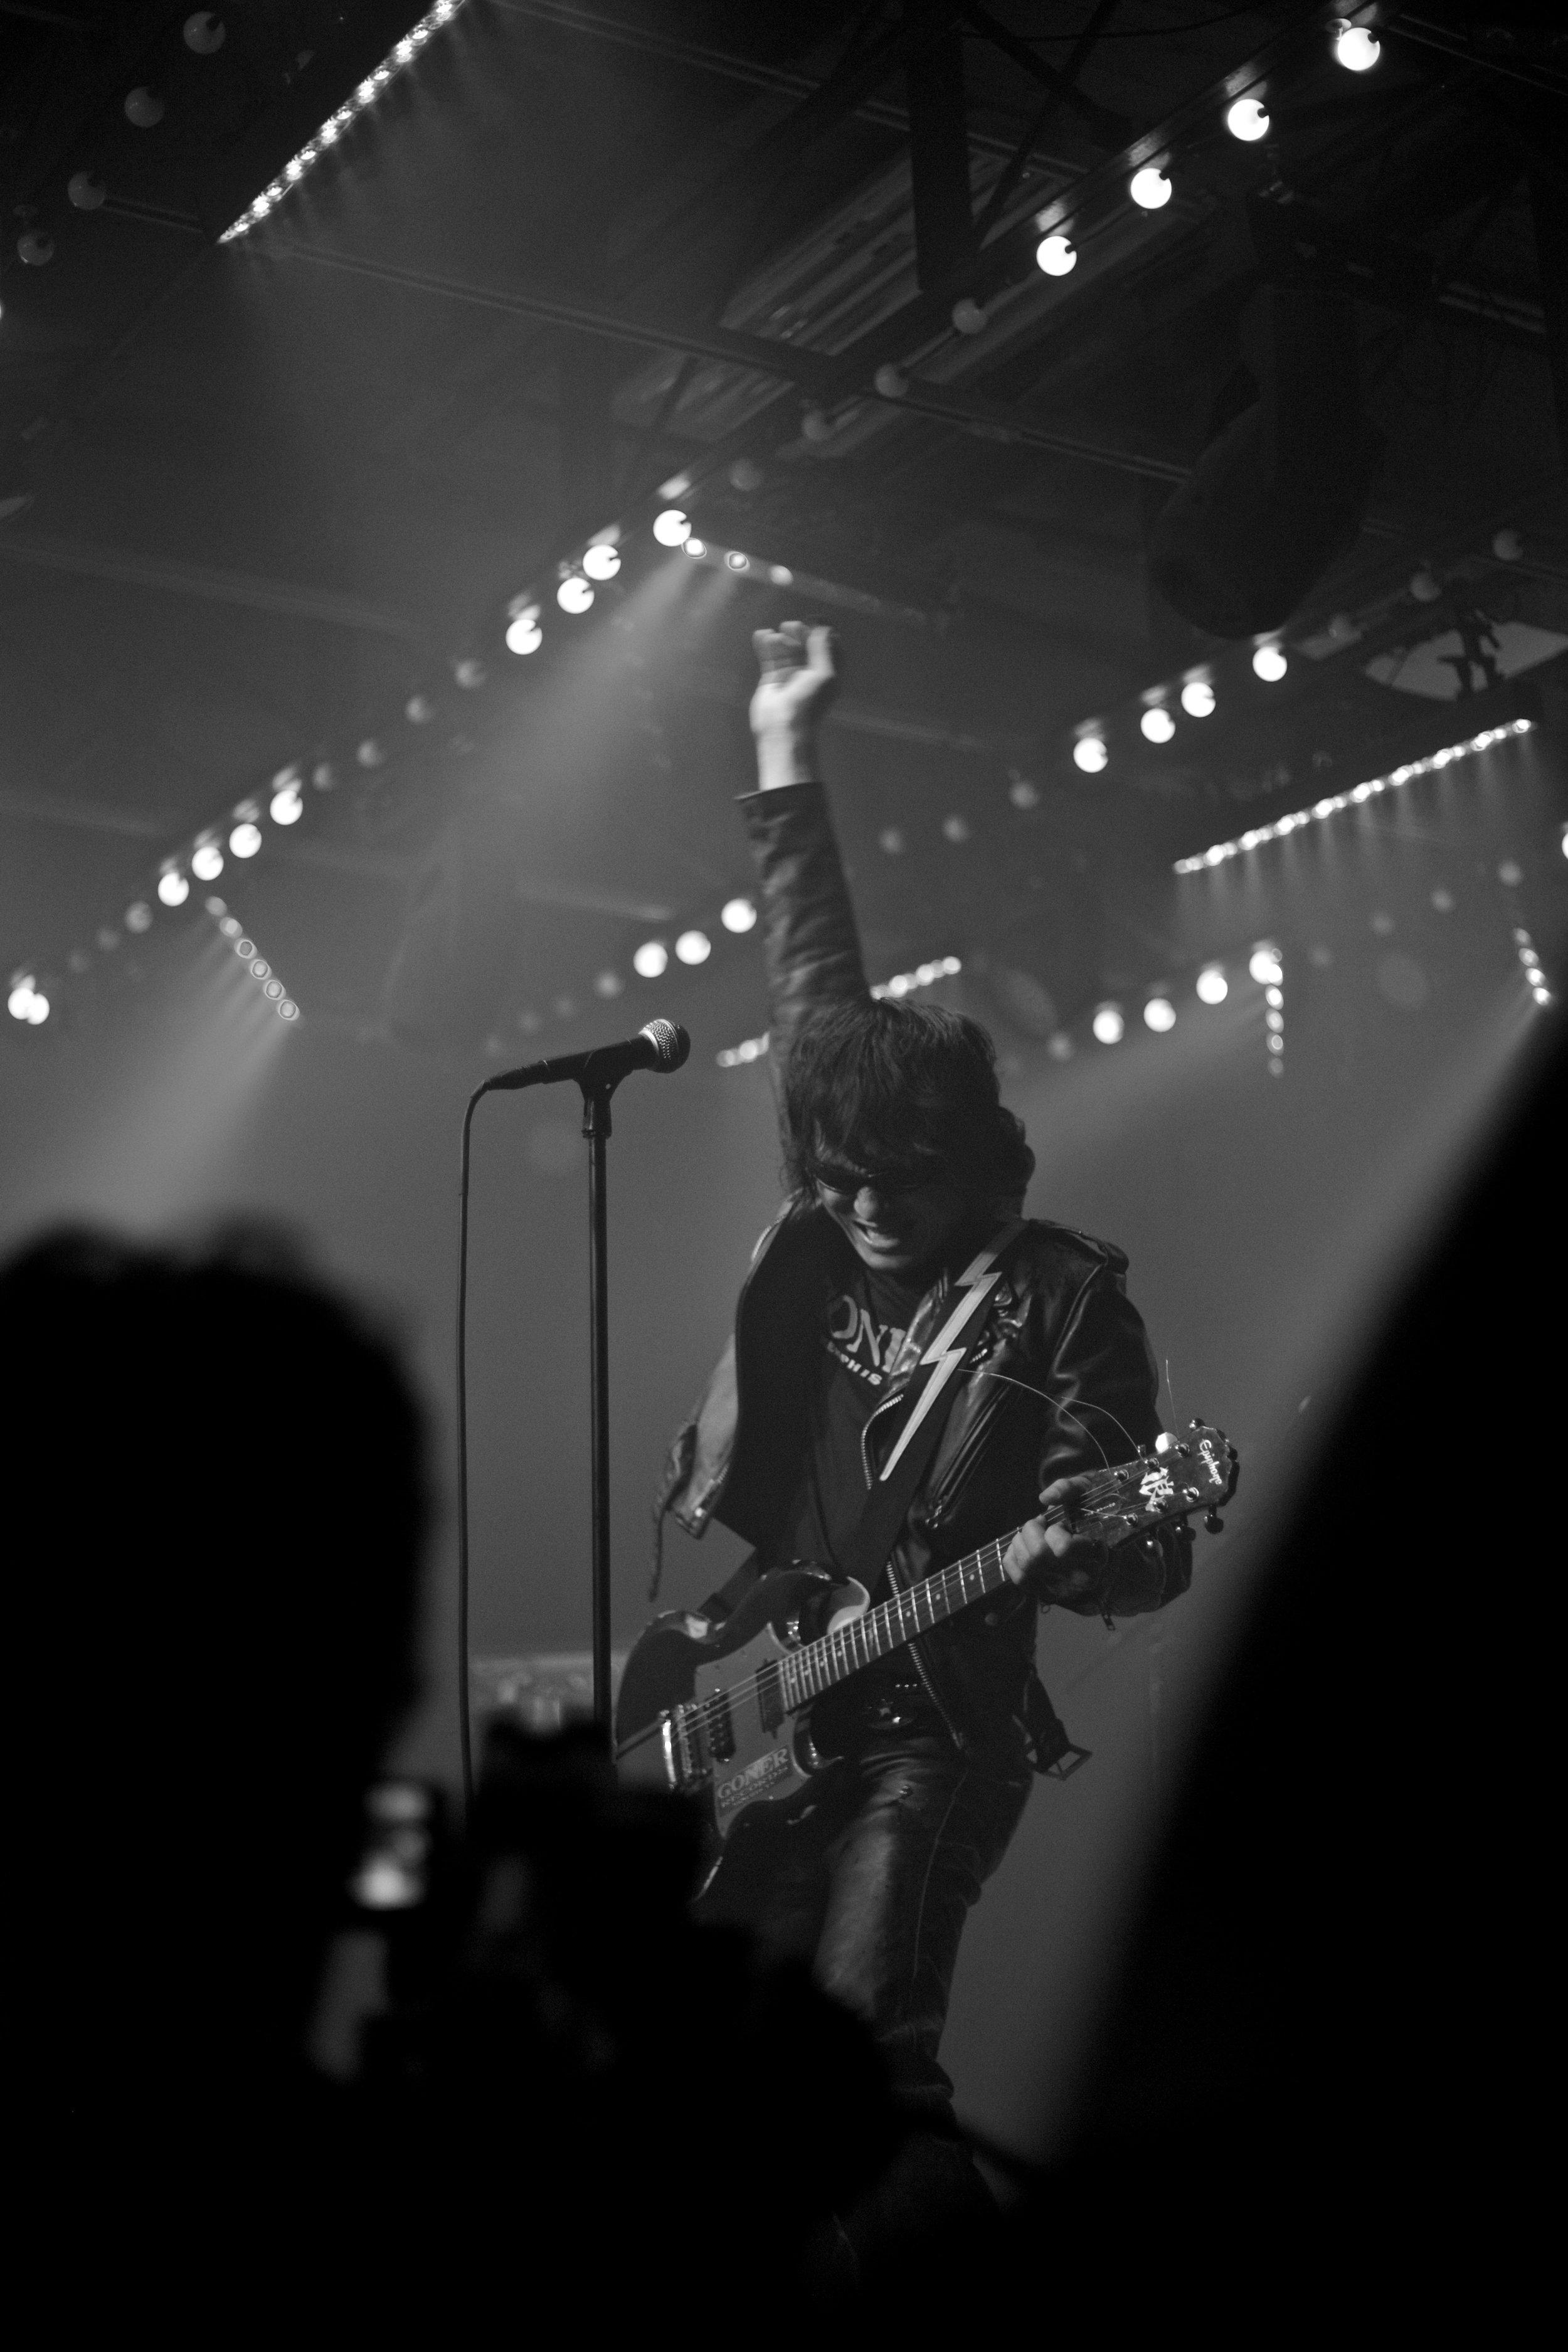 Guitar Wolf. Saturn. Birmingham, AL. 2016.